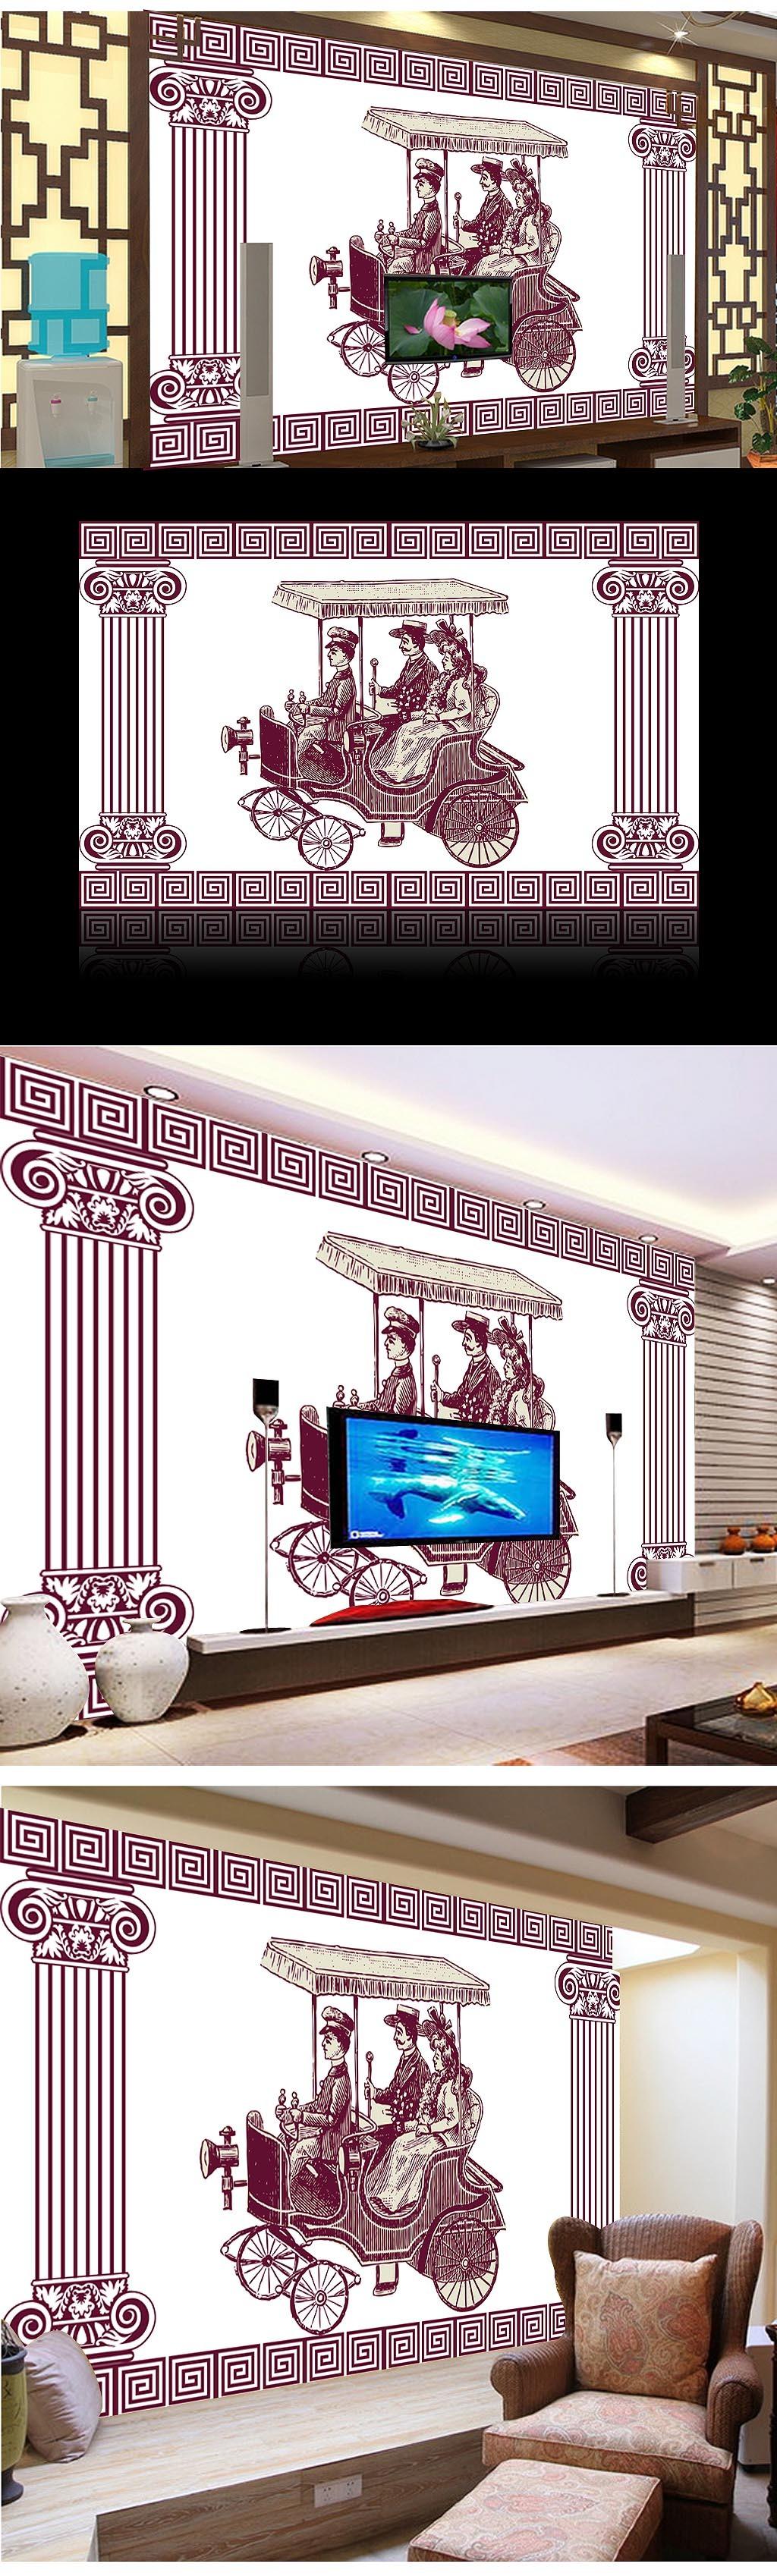 古典手绘电视背景墙